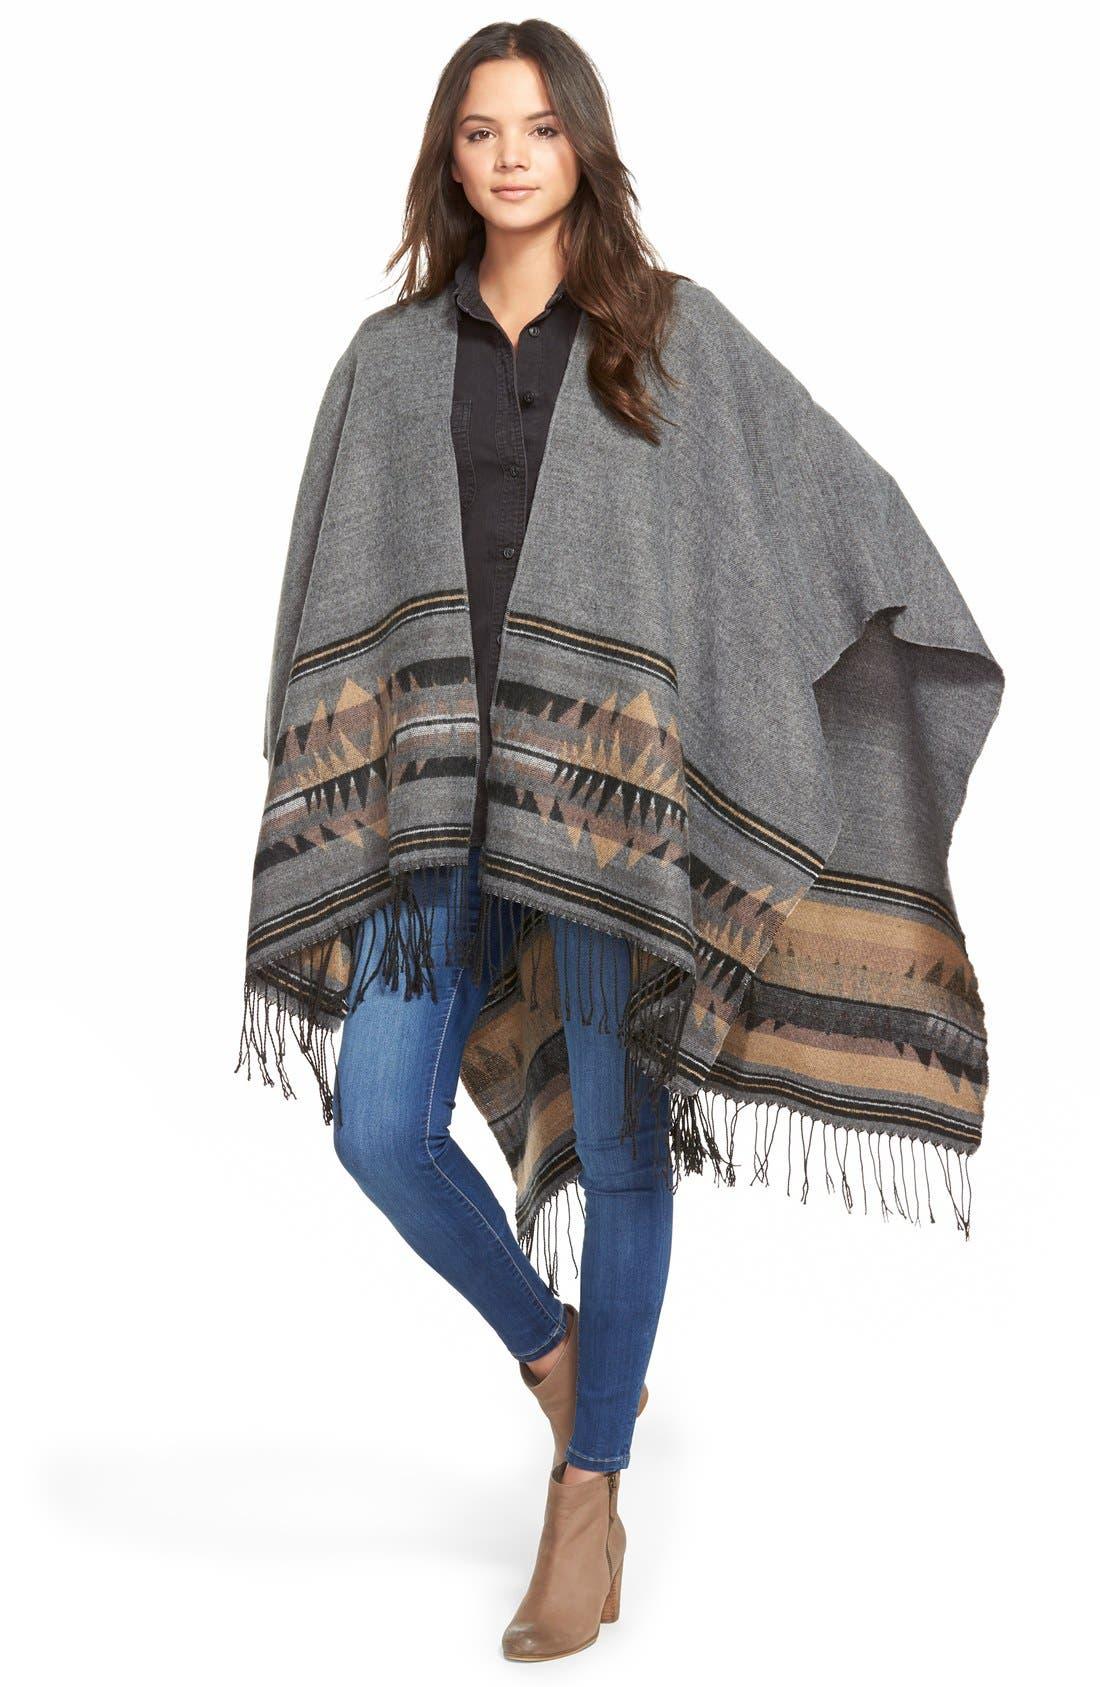 Alternate Image 1 Selected - BP. 'Wanderlust' Blanket Poncho